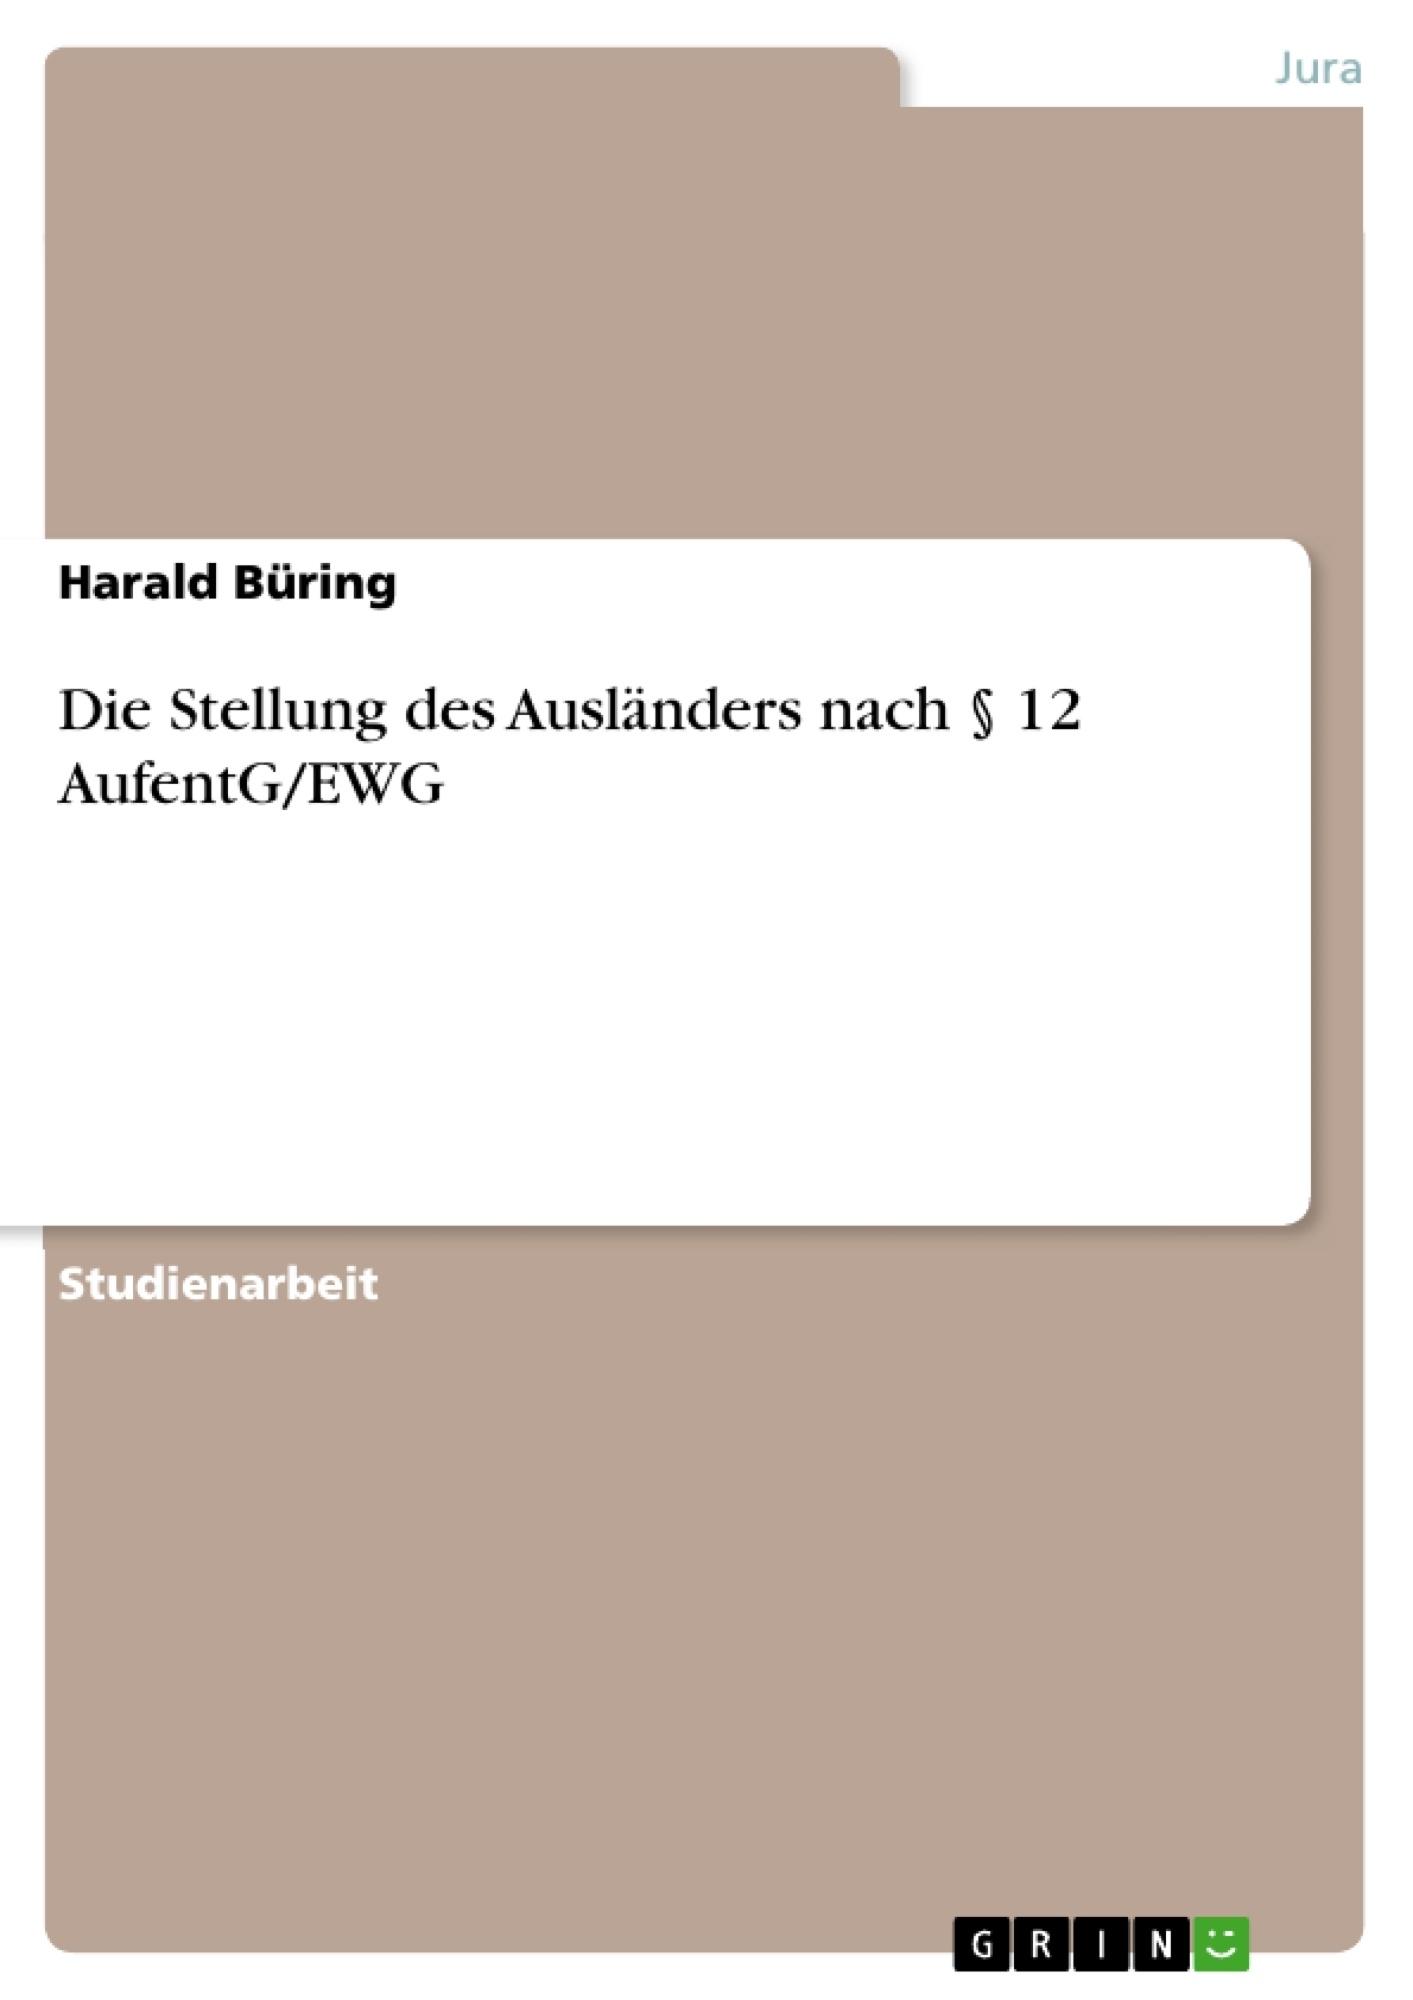 Titel: Die Stellung des Ausländers nach § 12 AufentG/EWG